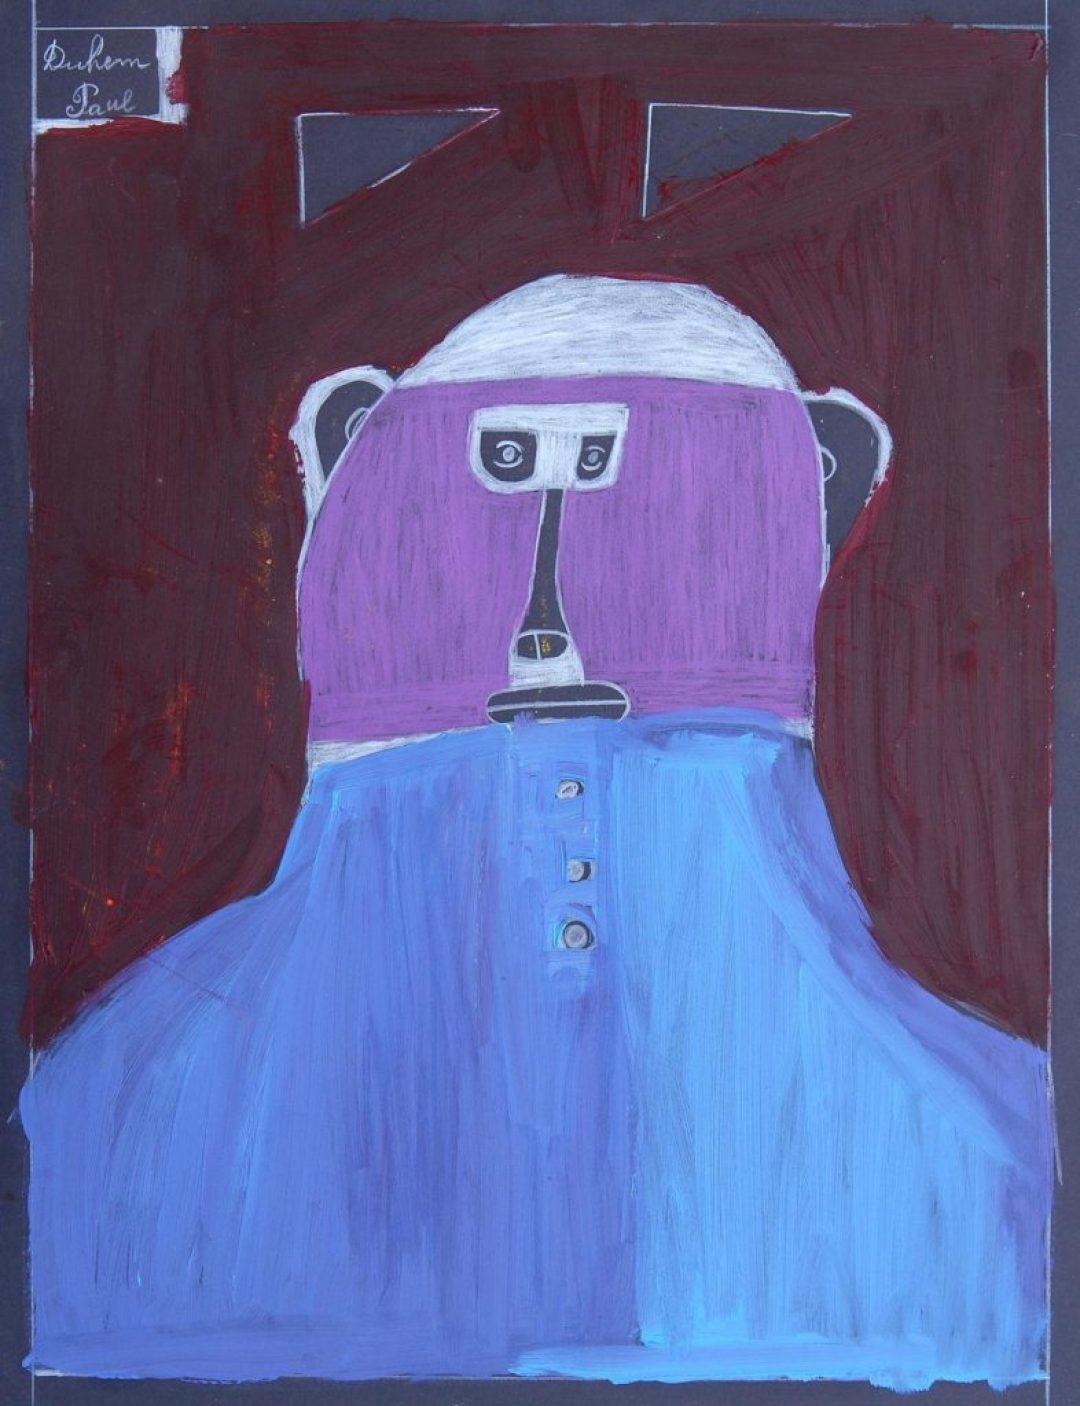 Paul Duhem, sans titre, 1999, crayon blanc, pastel gras et peinture à l'huile sur papier, 65 x 50 cm